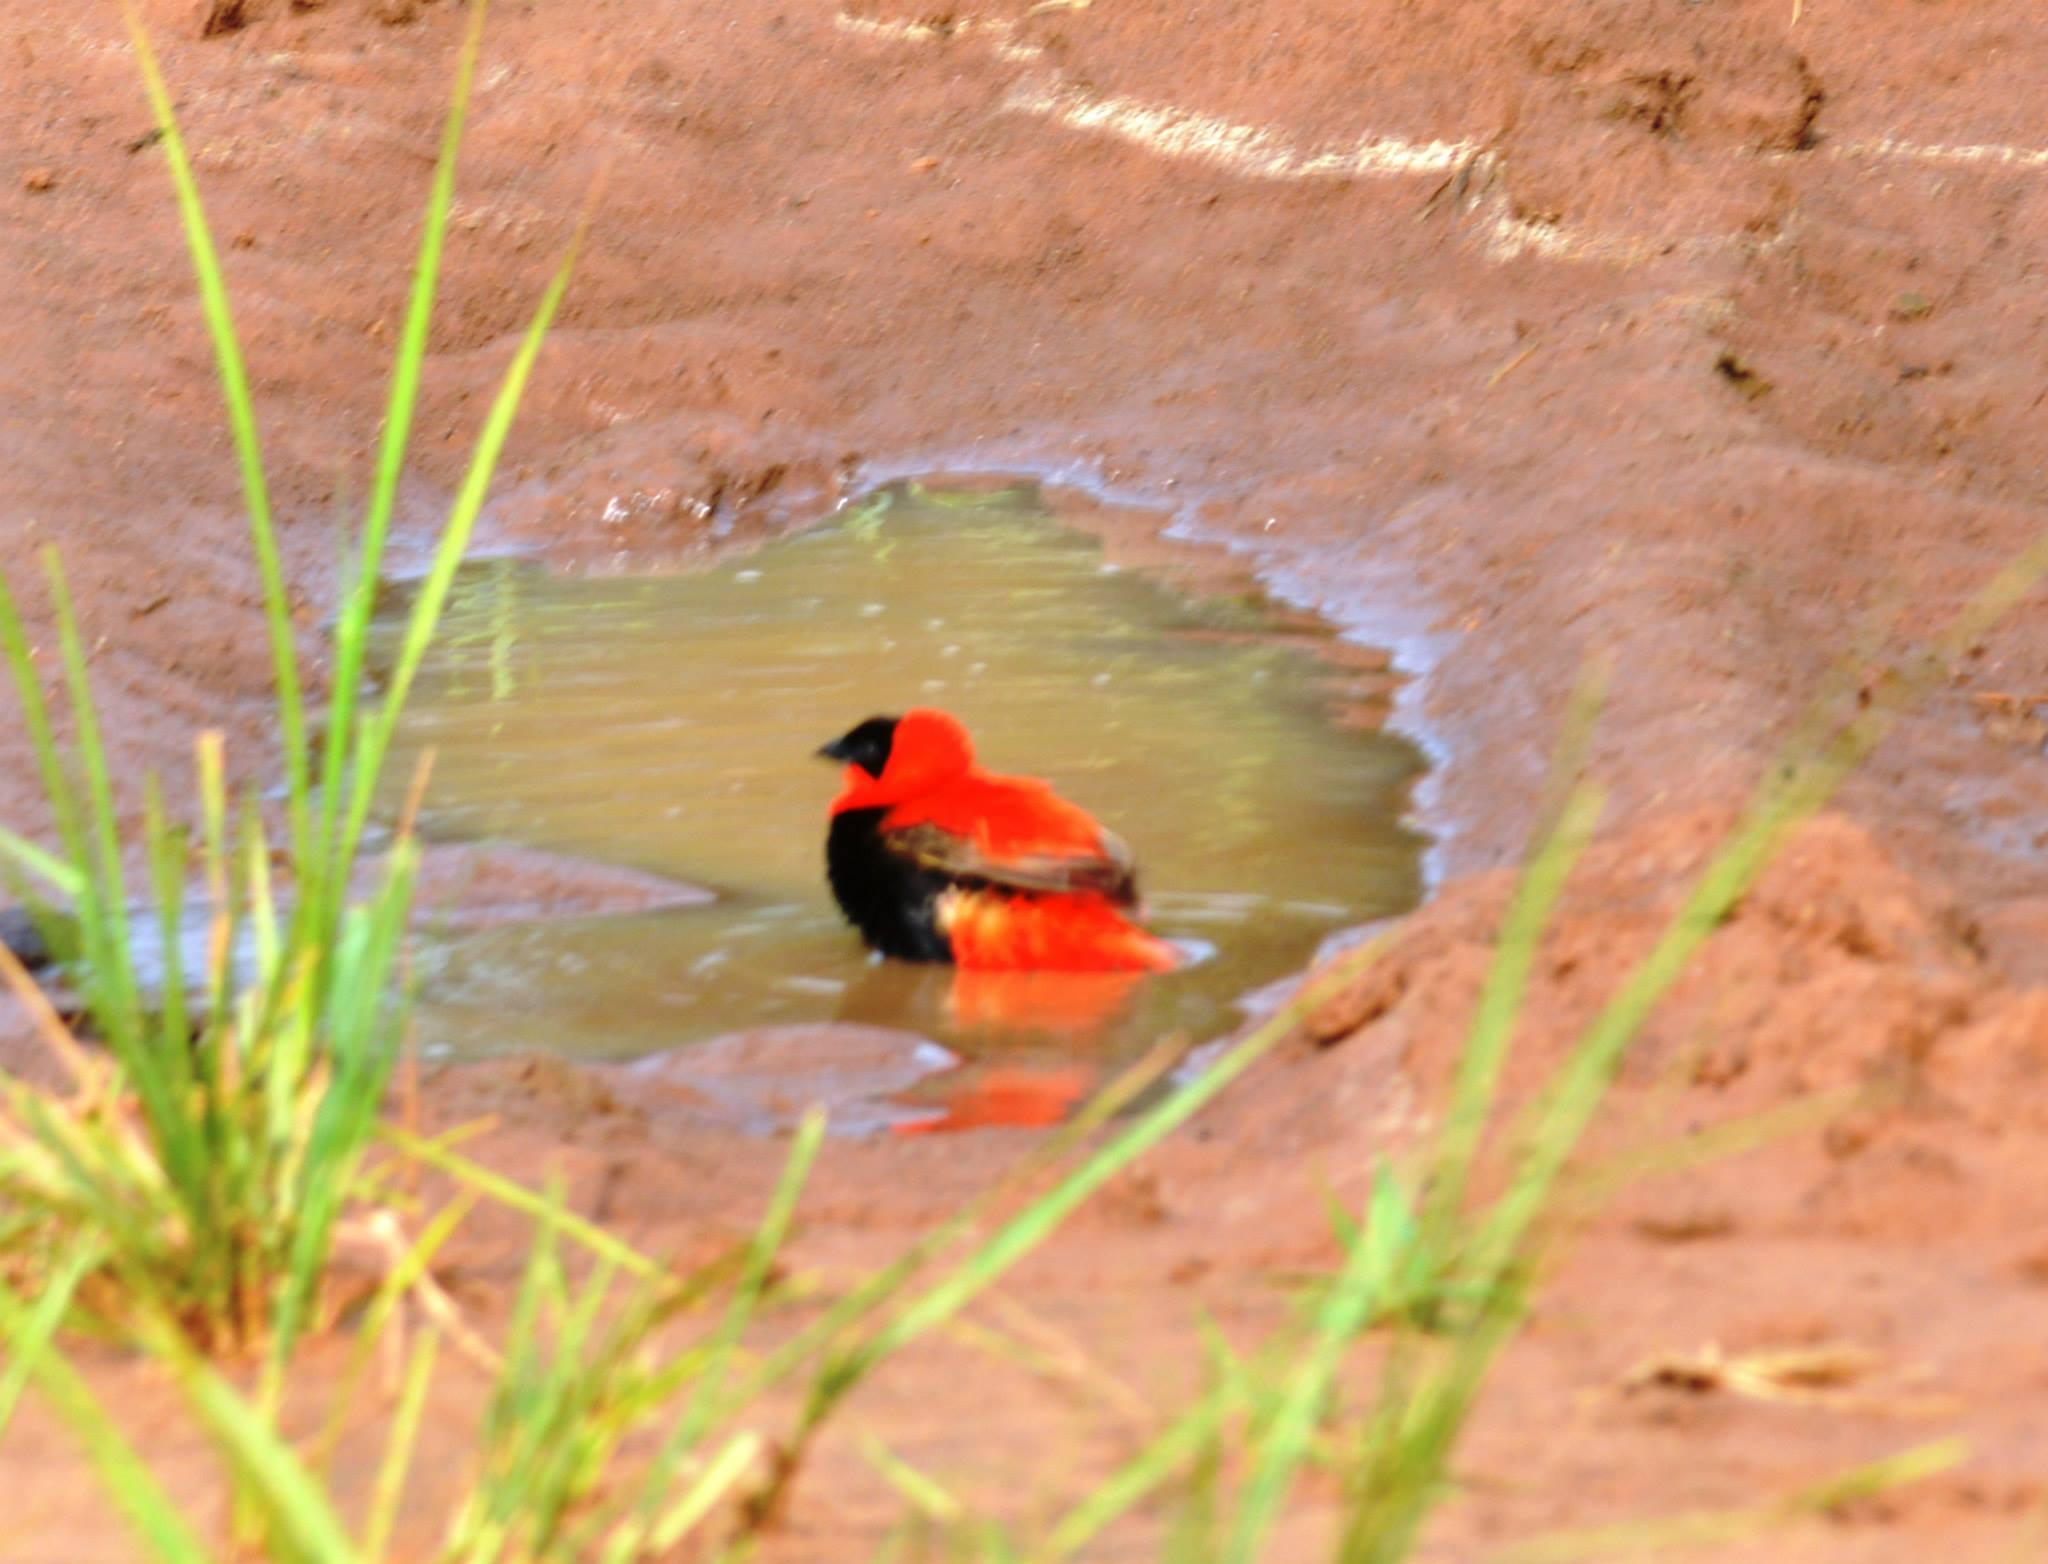 ציפורים בפארק מורצ'יסון